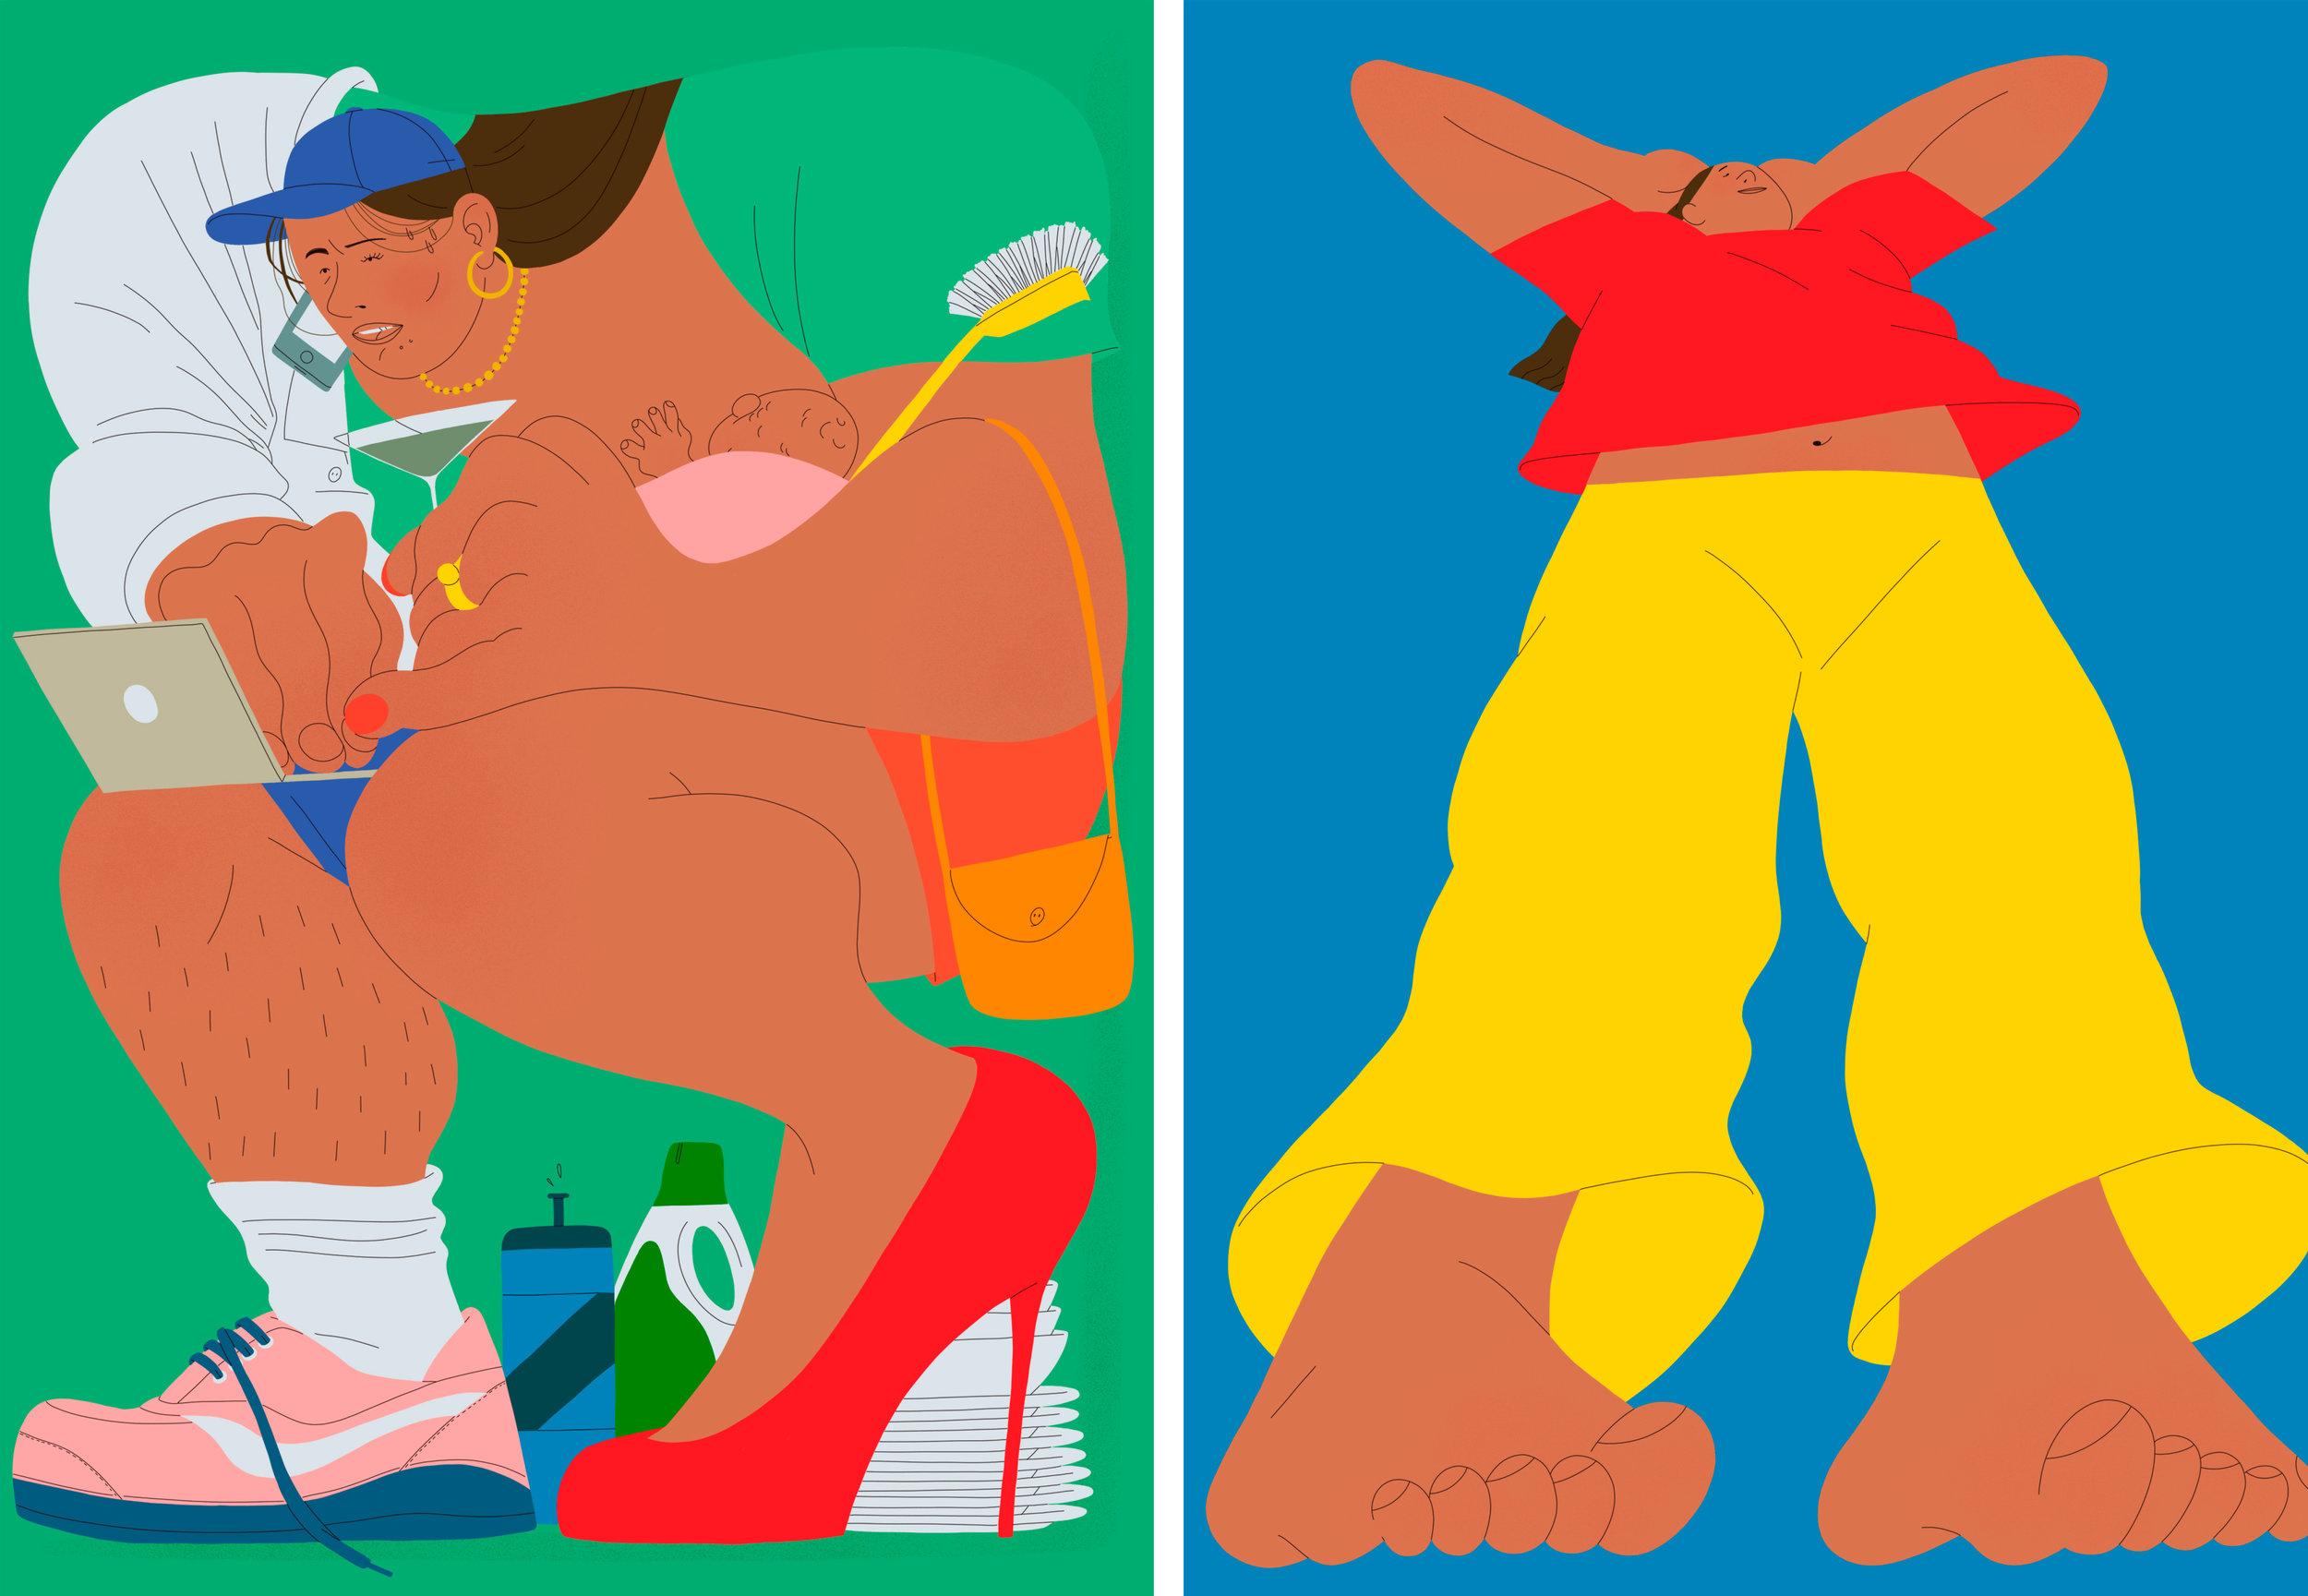 Illustrations by Alva Skogg